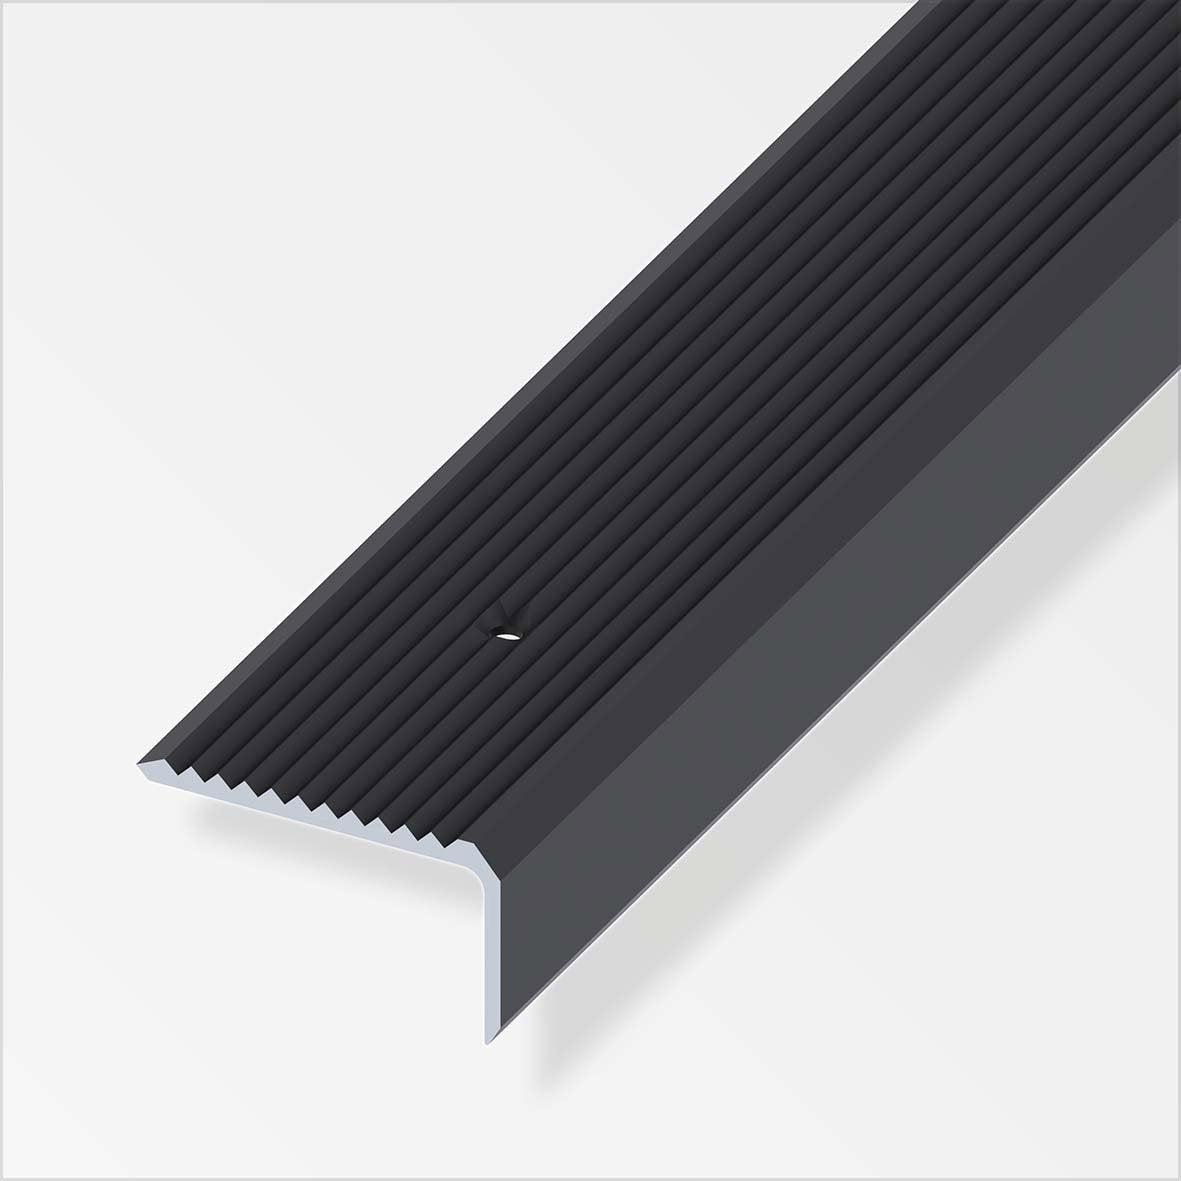 Nez de marche aluminium anodis l 1 m x l 4 1 cm x h 4 1 cm leroy merlin - Bloc marche leroy merlin ...